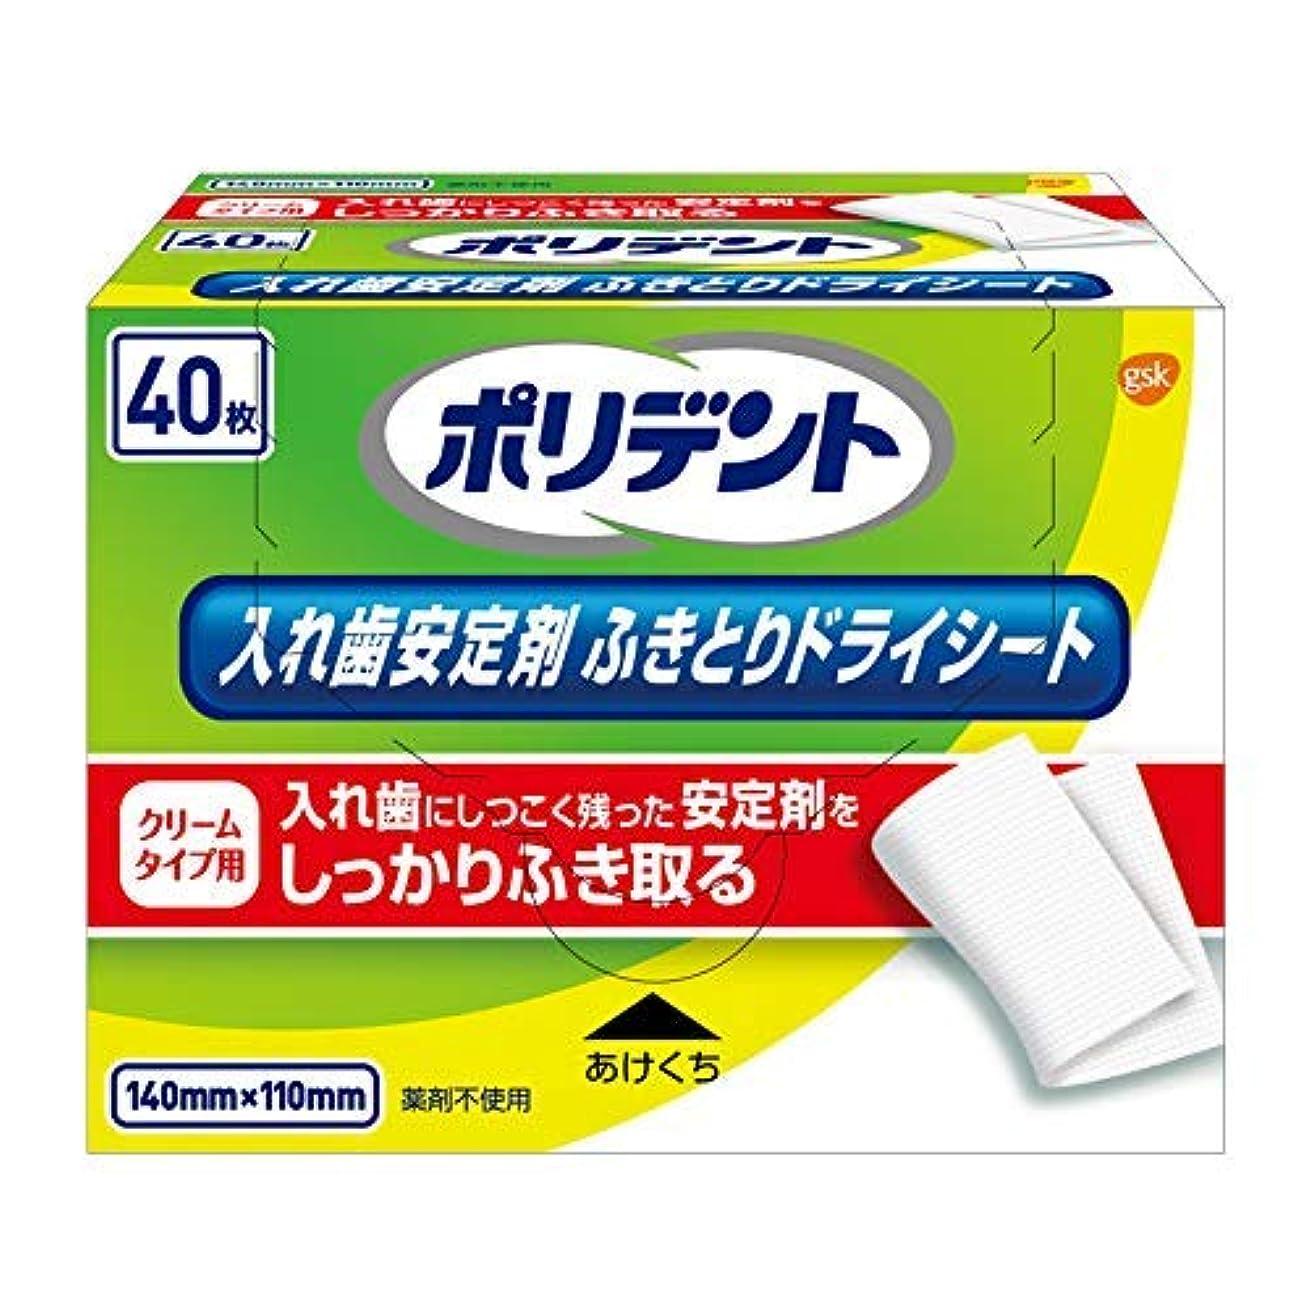 静かにハードウェアサイトラインポリデント入れ歯安定剤ふきとりドライシート × 2個セット